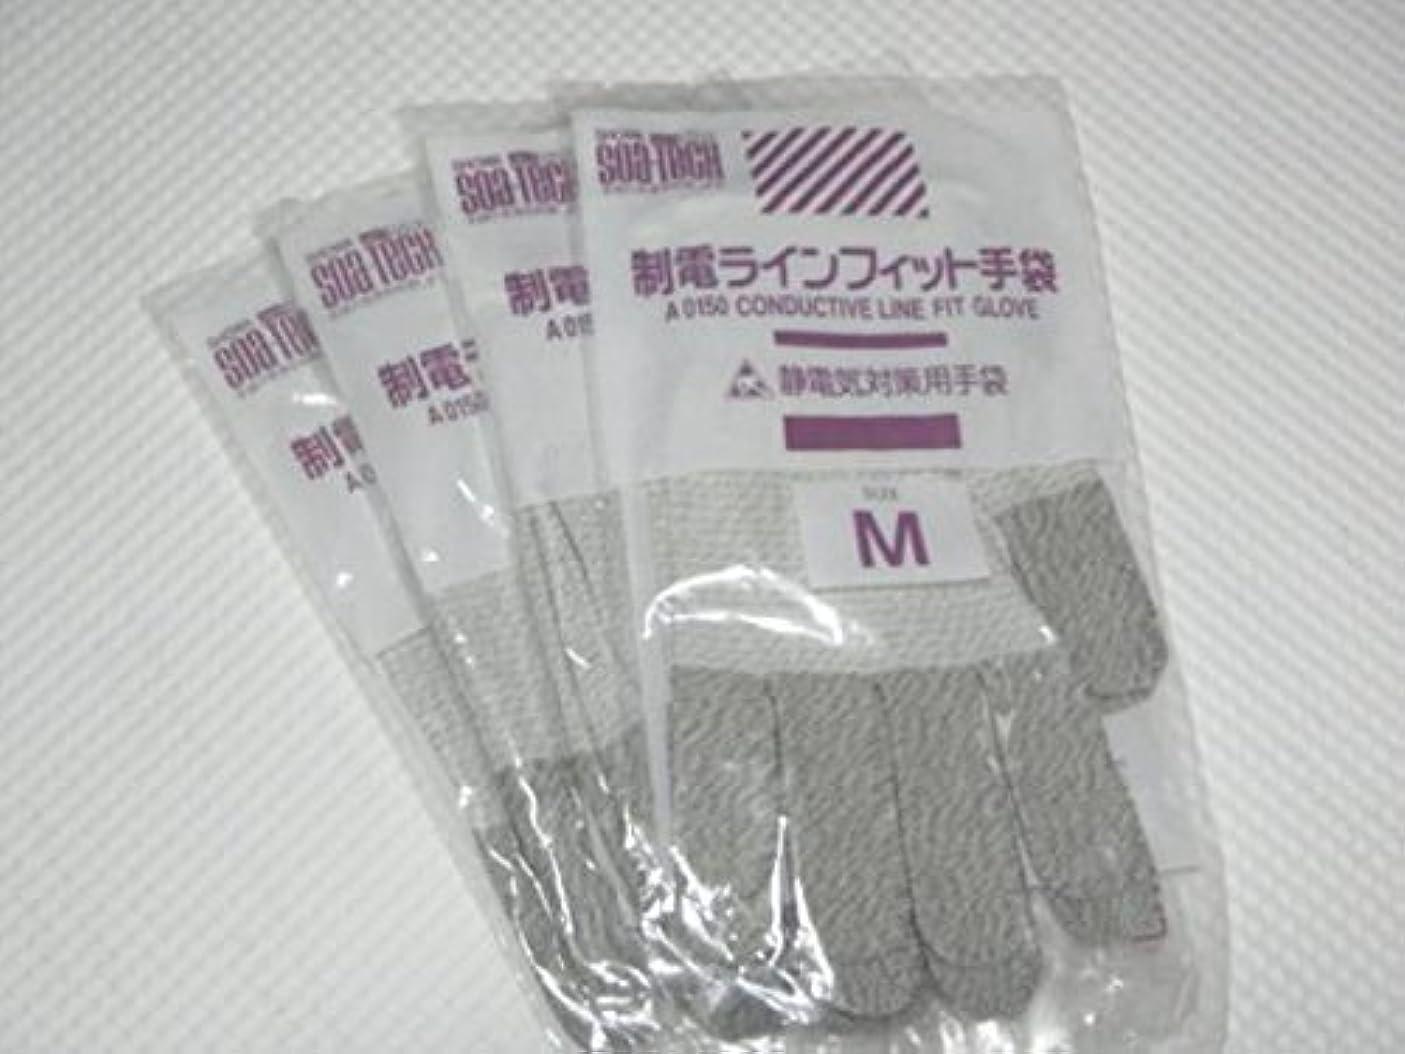 スクレーパールート靴下ショーワグローブ 制電ラインフィット手袋 Mサイズ A0150-M②